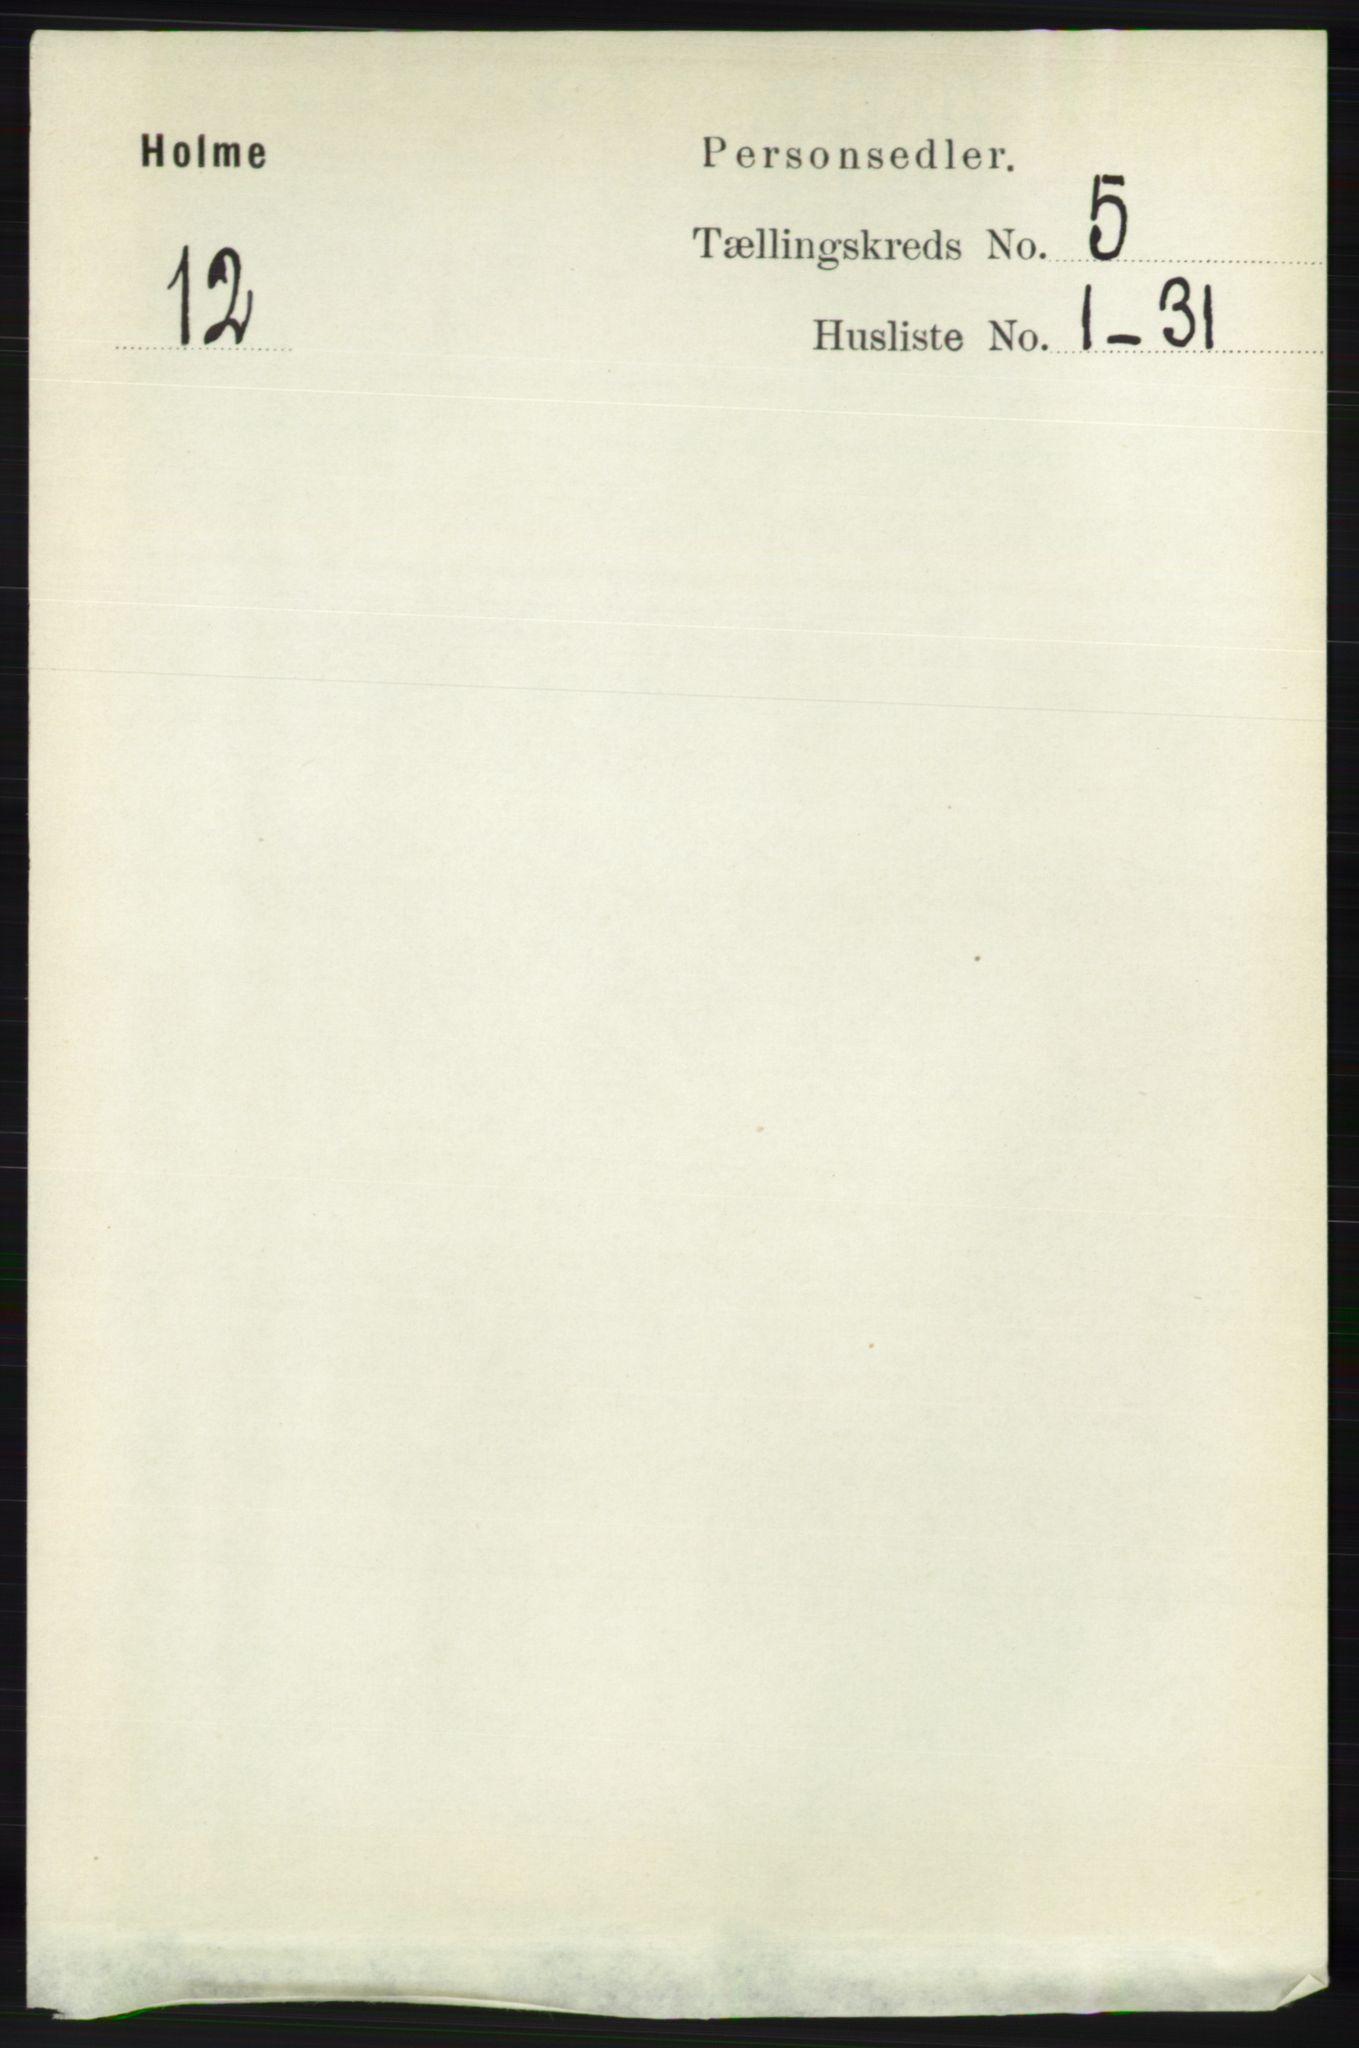 RA, Folketelling 1891 for 1020 Holum herred, 1891, s. 1235